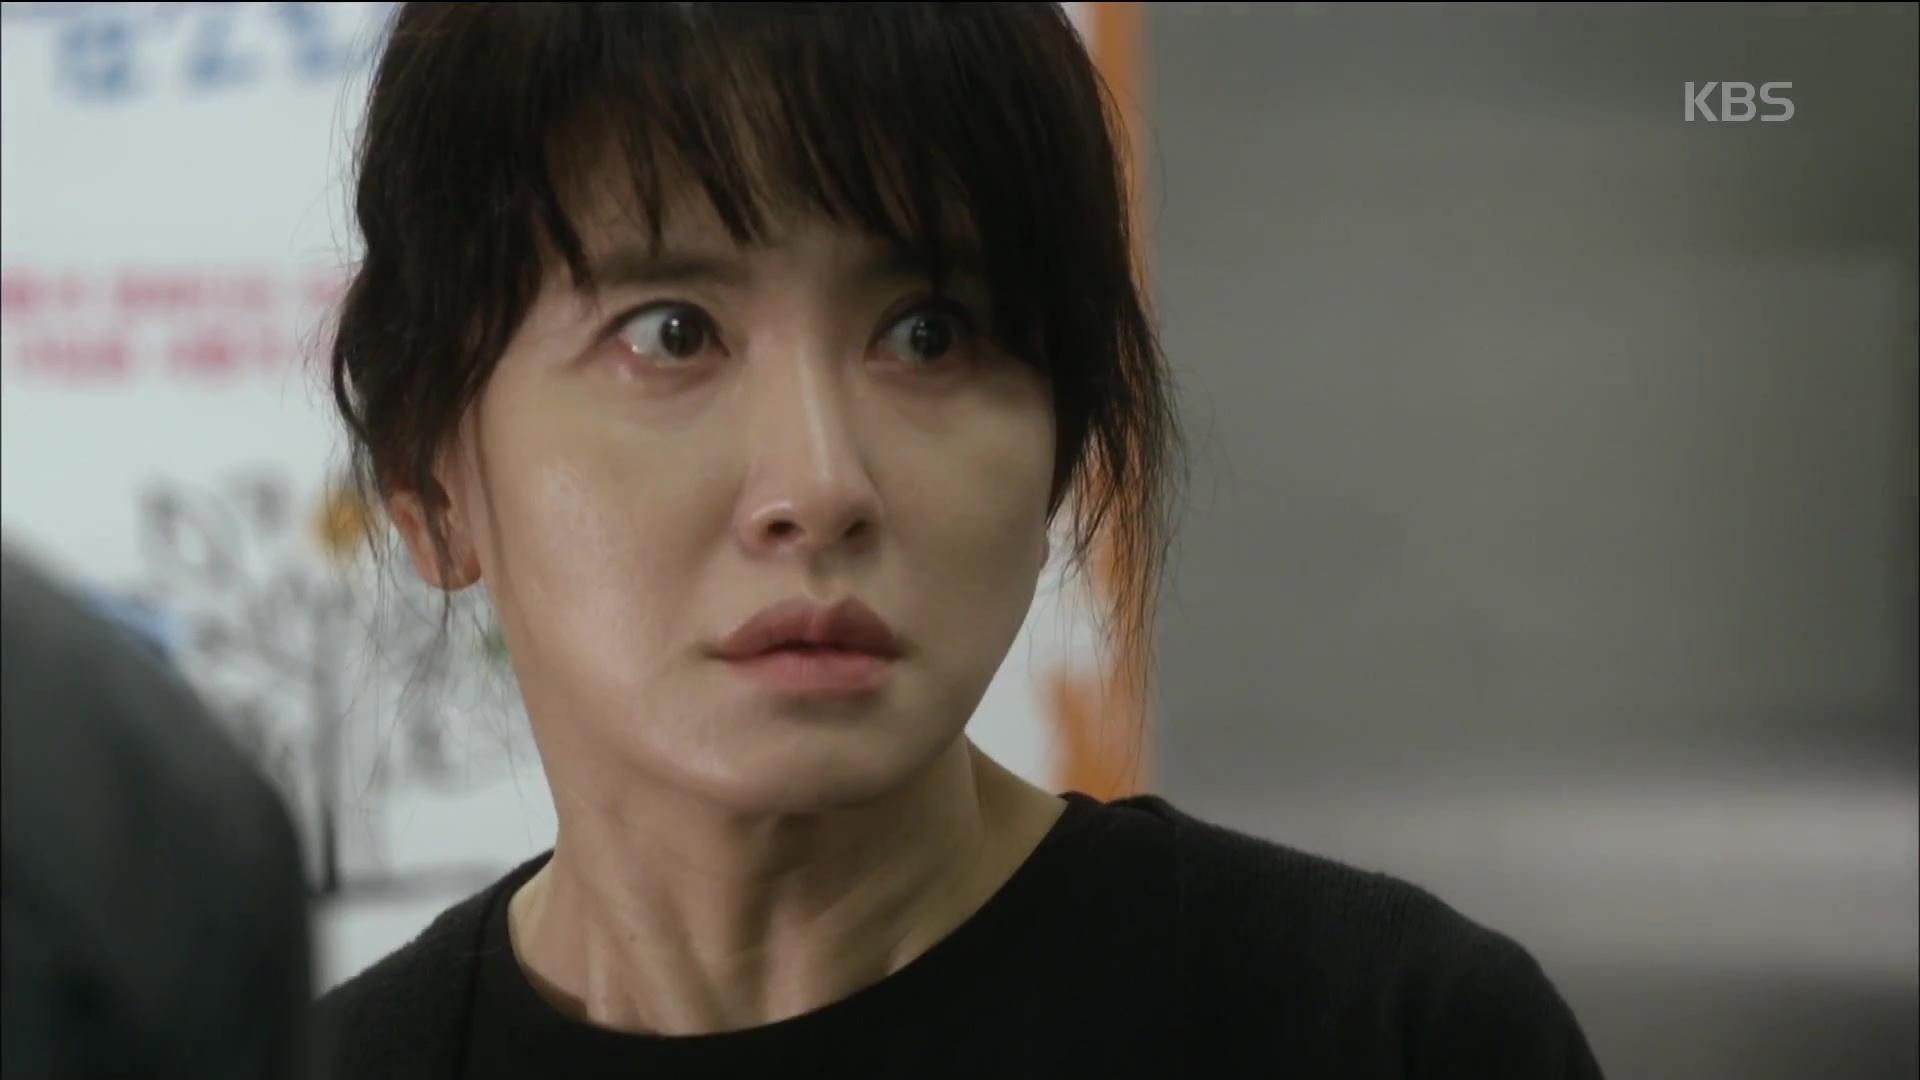 Phim Hàn gây sốc vì đánh thẳng vào nạn tấn công tình dục nữ giới - Ảnh 5.